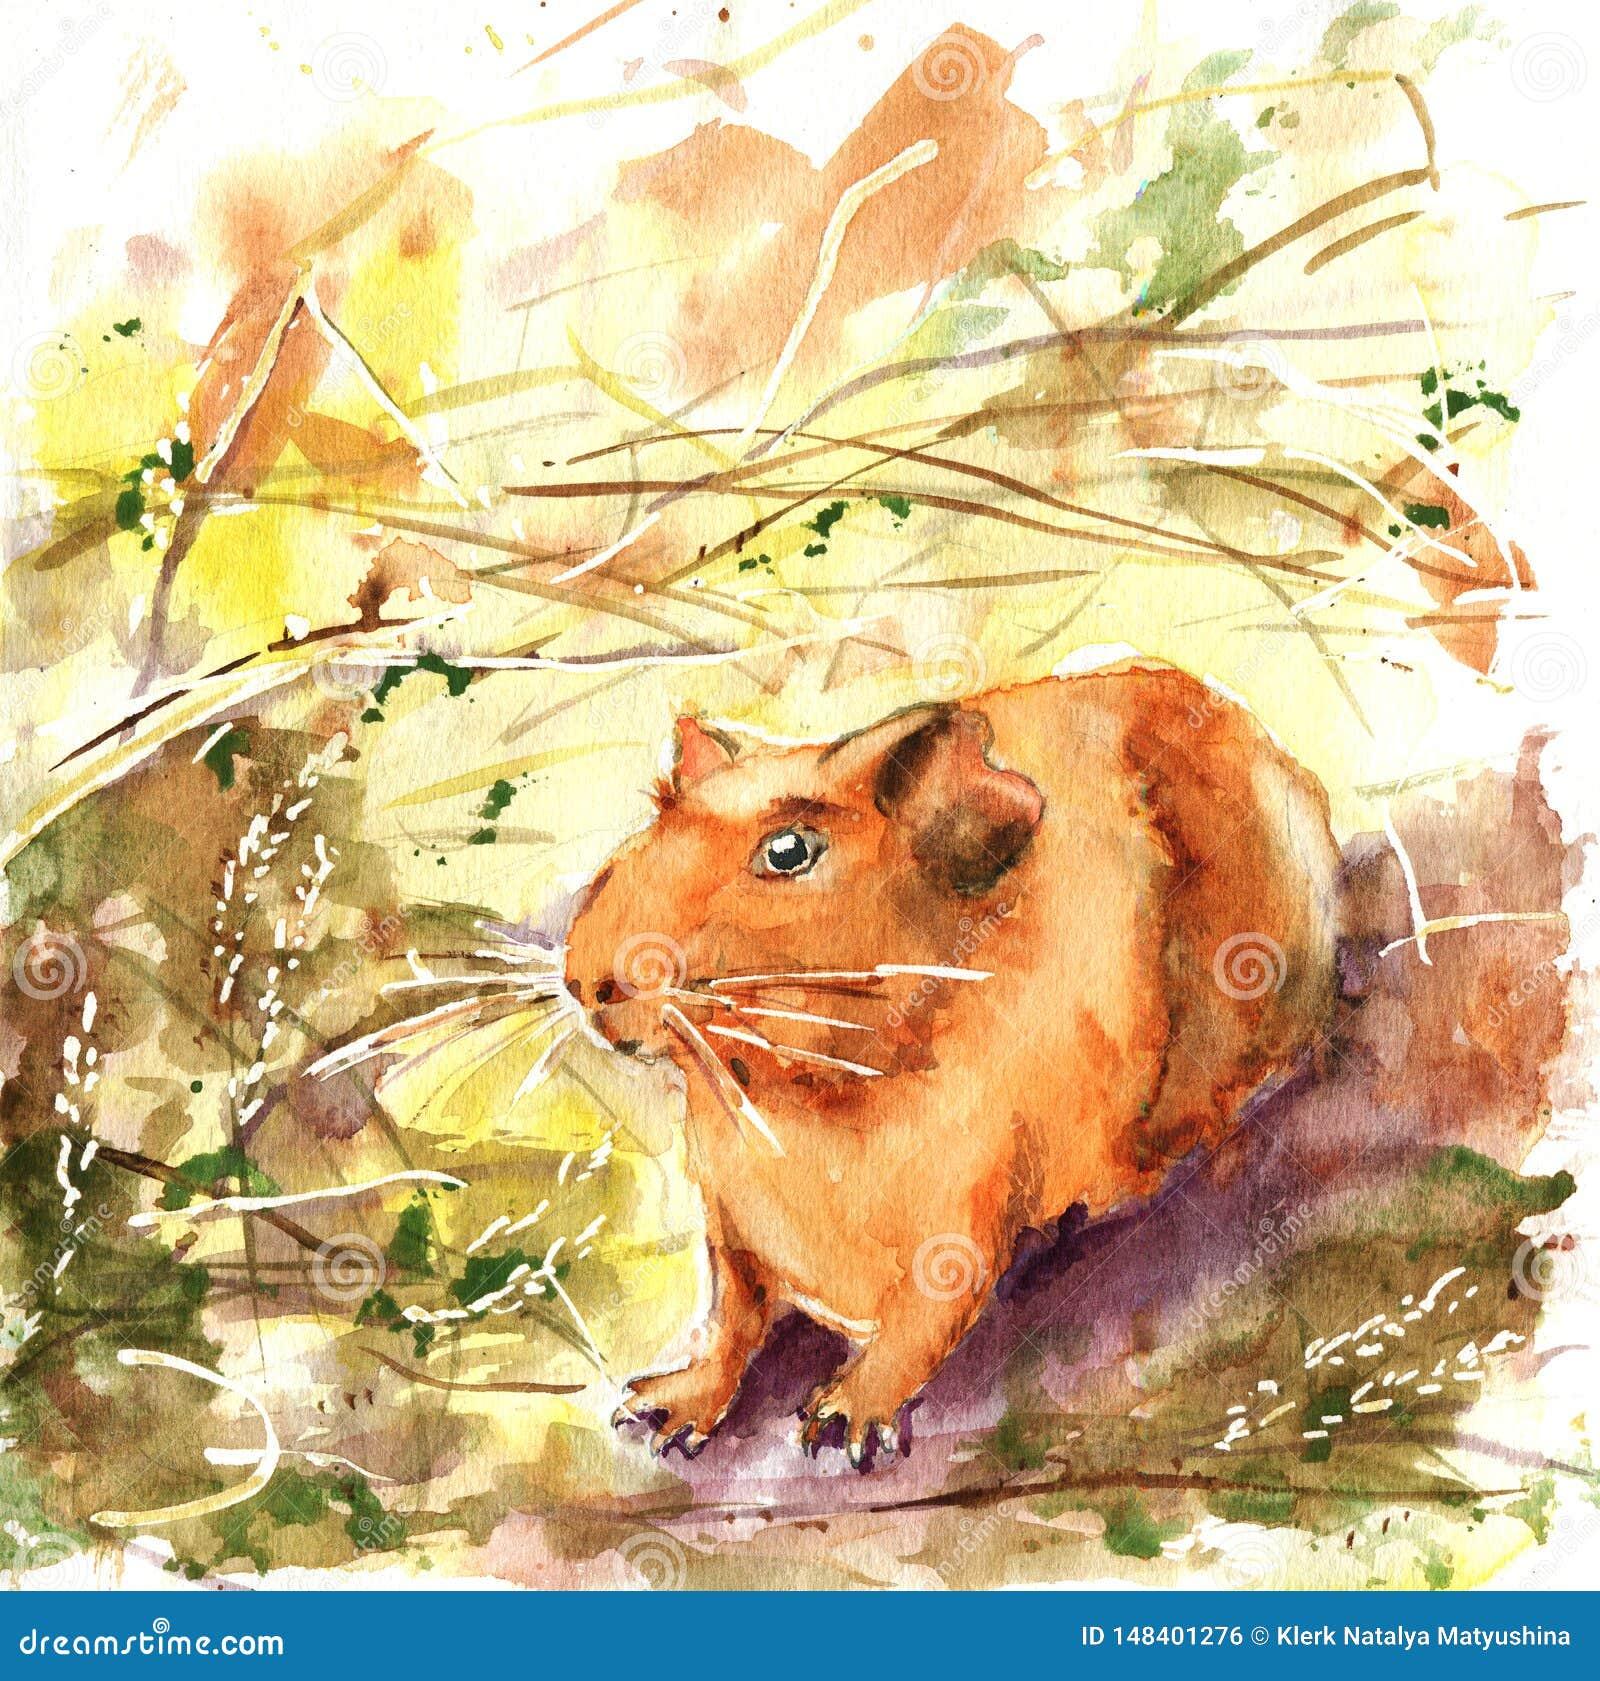 Κατοικίδια ζώα, ινδικό χοιρίδιο Σύροντας με το watercolor για το σχέδιο του υποβάθρου, τυπωμένη ύλη, έμβλημα, διαφήμιση, αγγελίες